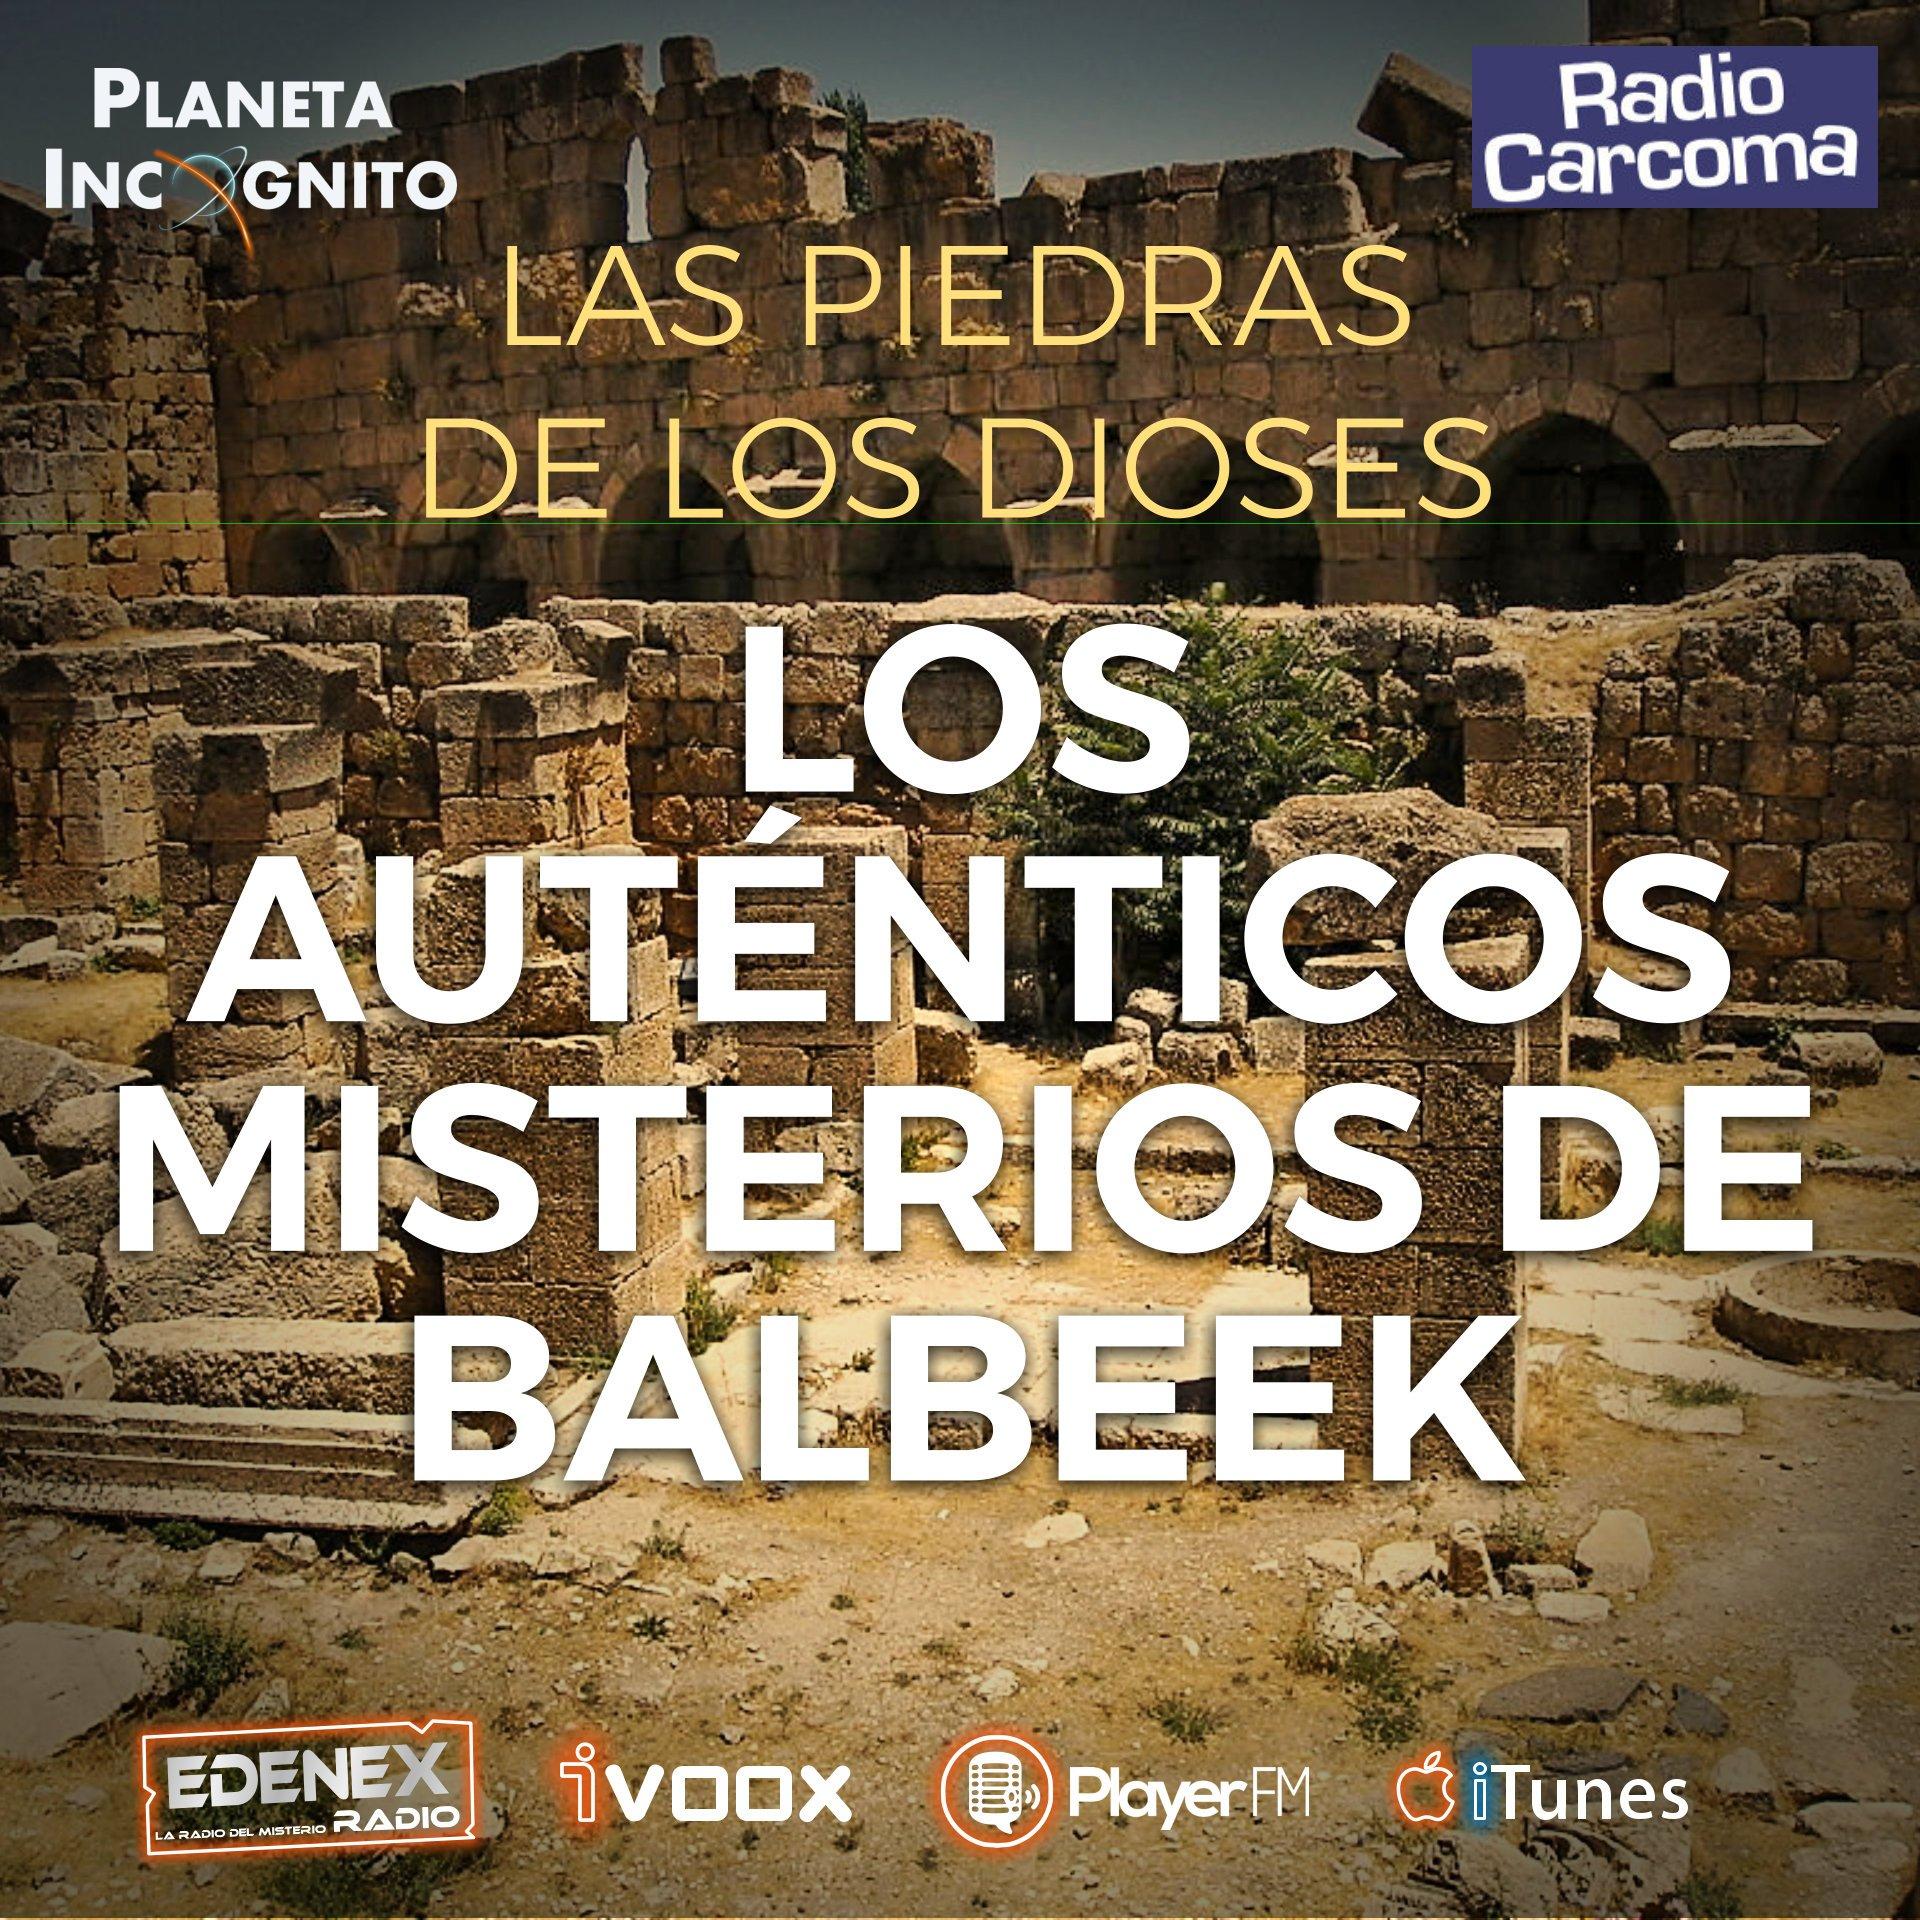 5X02 LOS AUTÉNTICOS MISTERIOS DE BAALBEK- Las Piedras de los Dioses - Arqueología 5